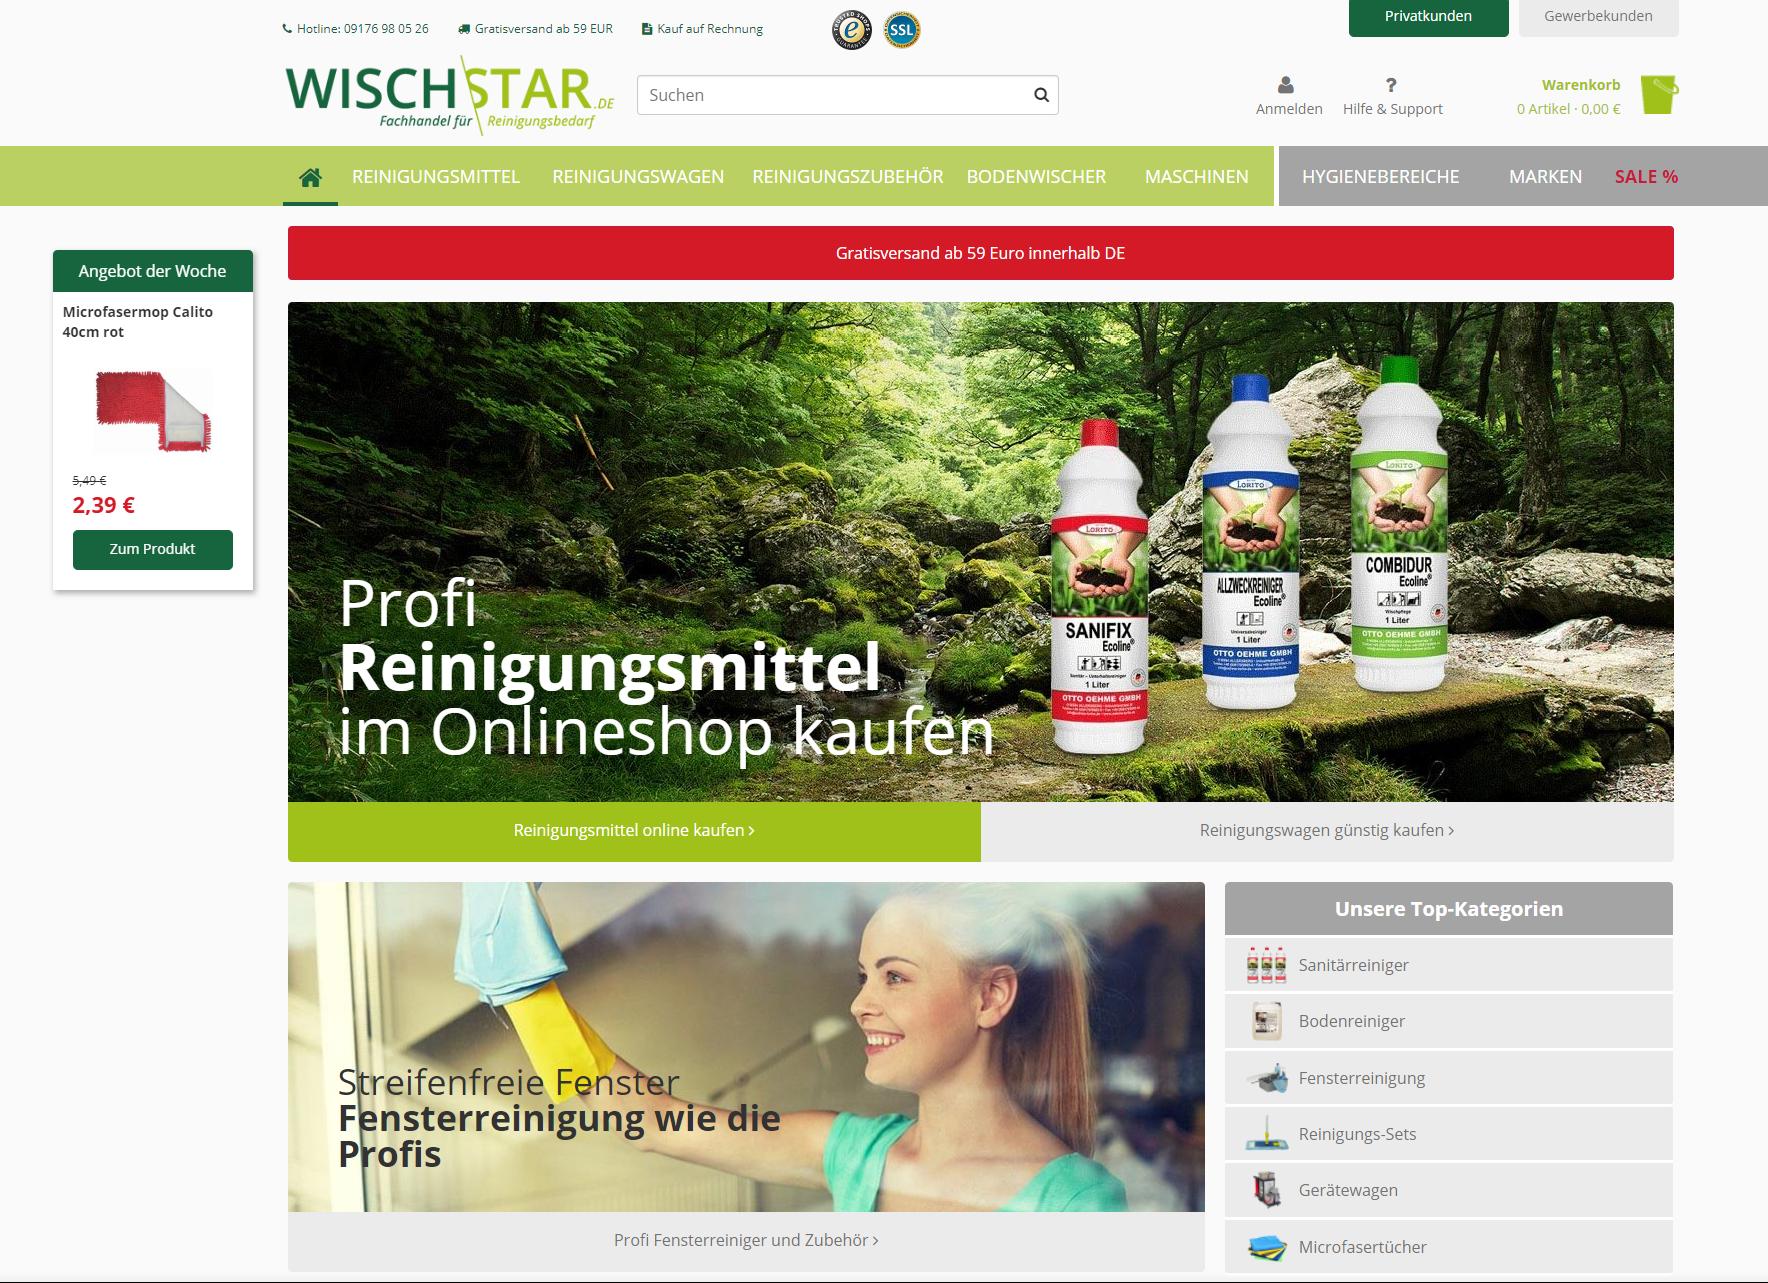 Wisch-star.de